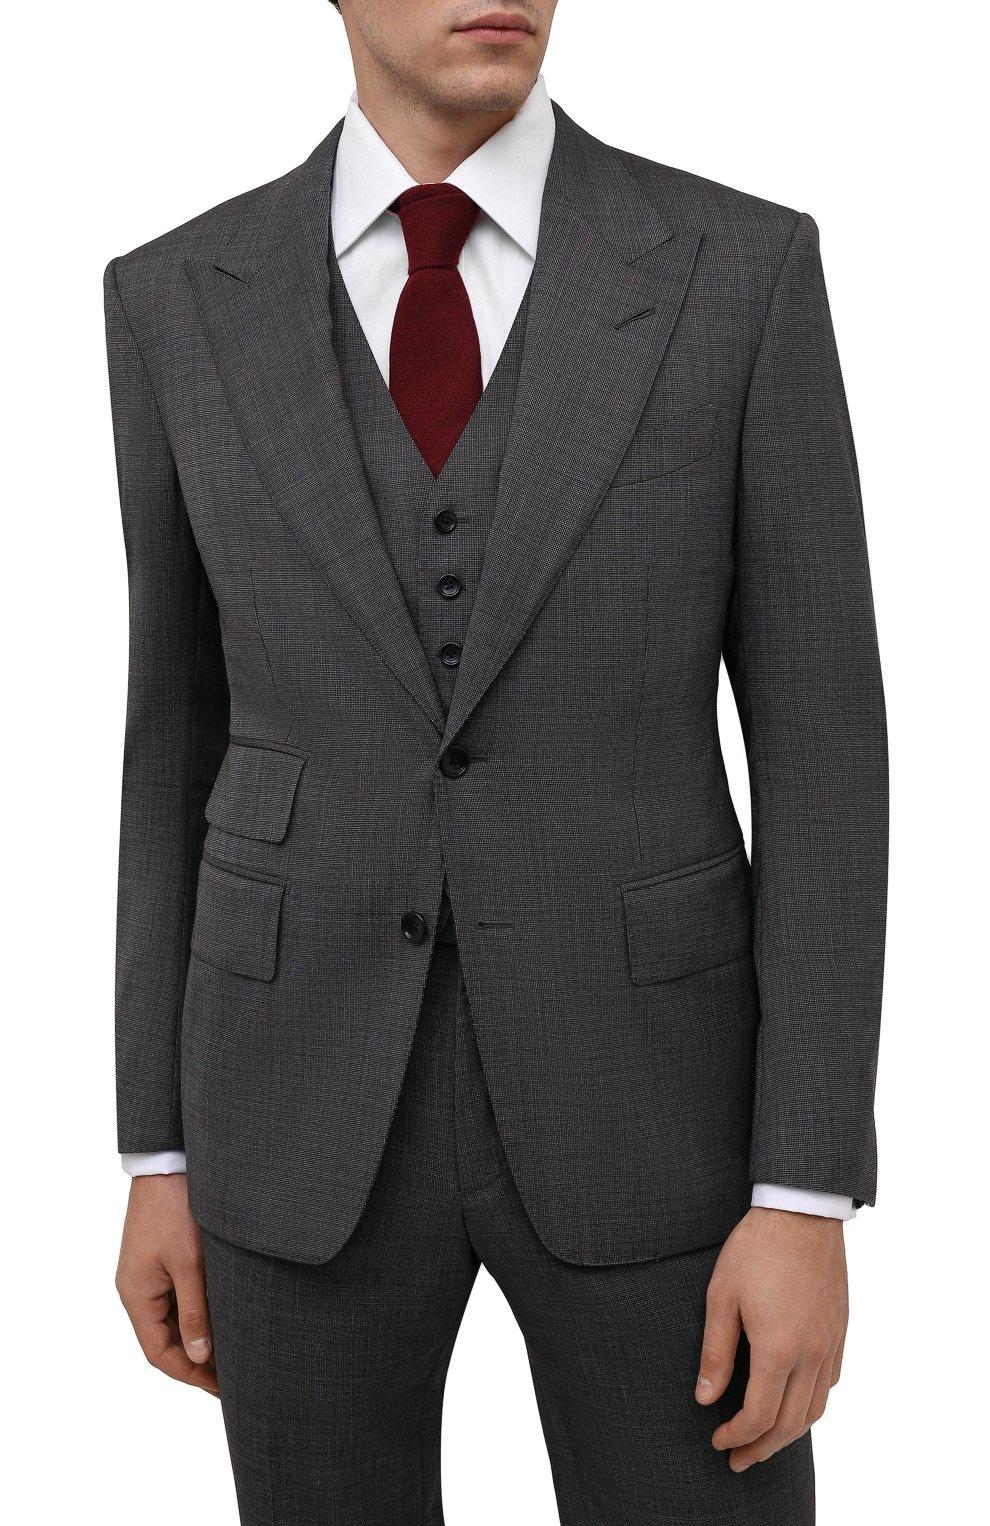 Мужской галстук из шерсти и шелка LUIGI BORRELLI бордового цвета, арт. CR361134 | Фото 2 (Принт: Без принта; Материал: Шерсть)